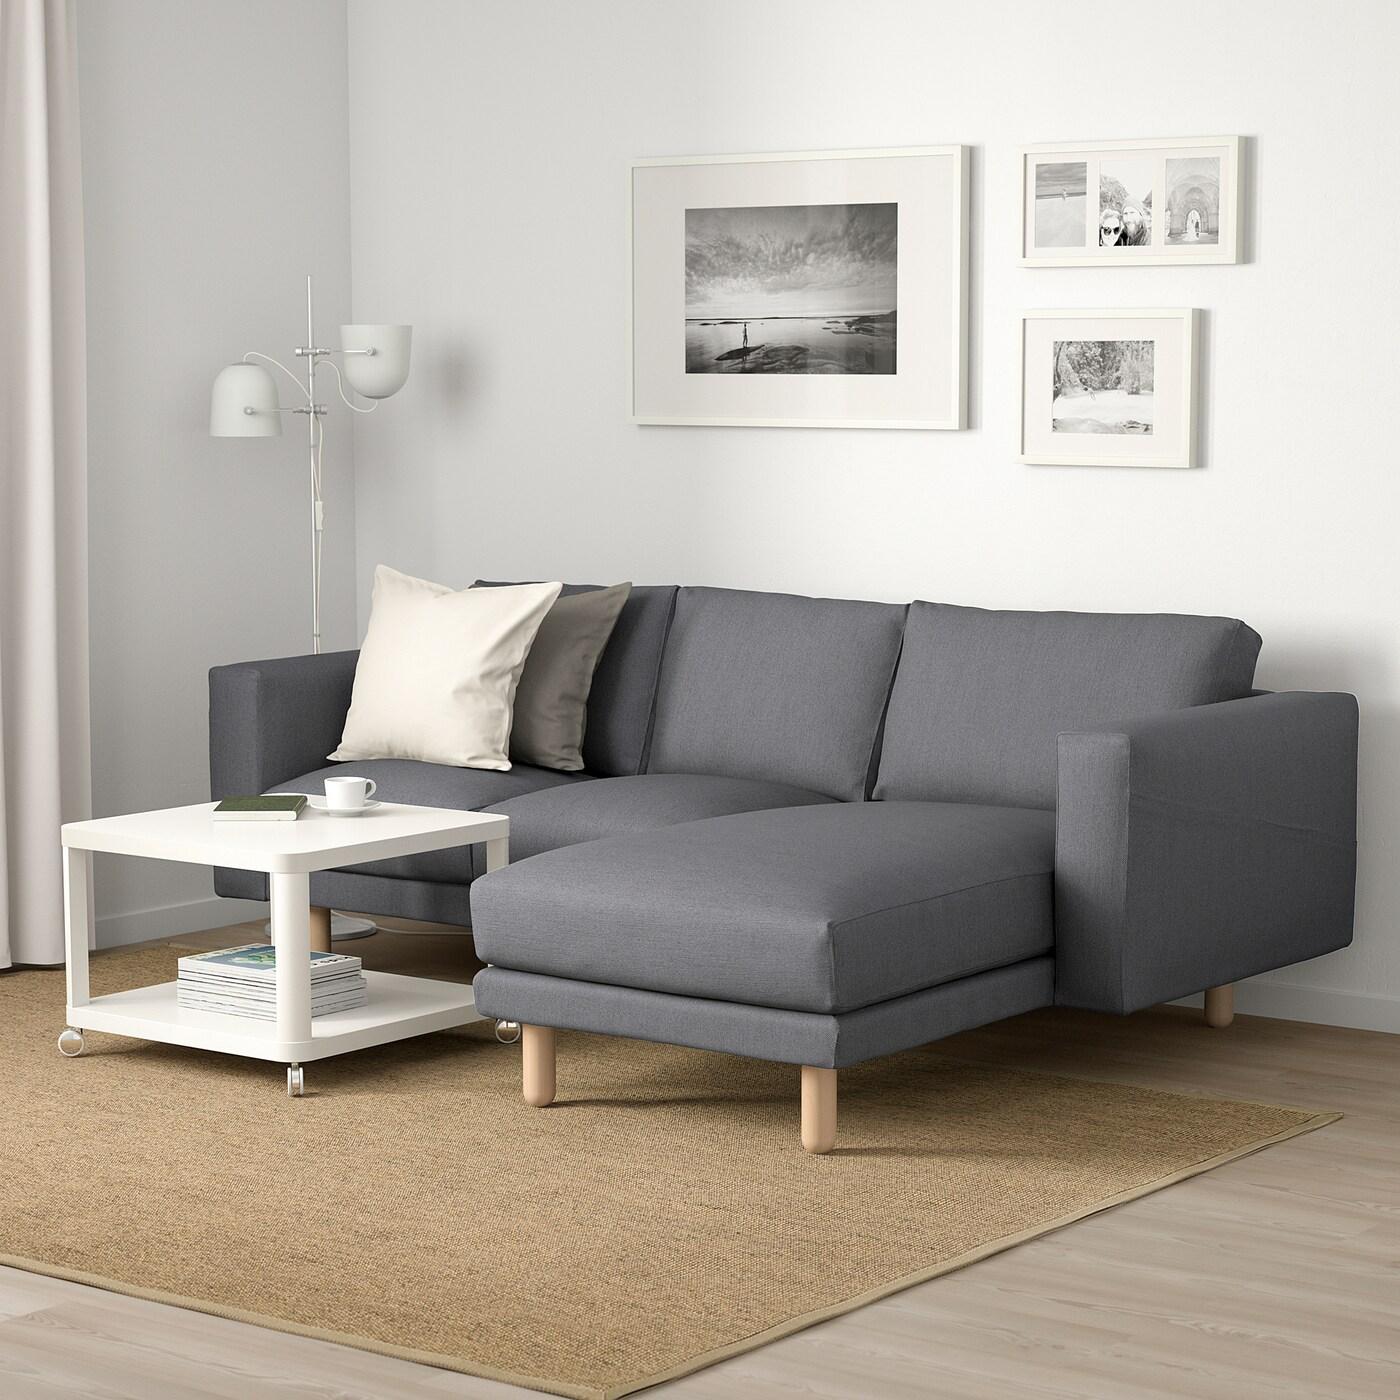 Full Size of L Couch Mit Schlaffunktion Ikea Ecksofa Bettfunktion Sofa Kleines Grau Ektorp 2er Und Bettkasten Norsborg 3er Rcamiere Finnsta Cassina Bezug Ottomane Form Sofa Ikea Sofa Mit Schlaffunktion